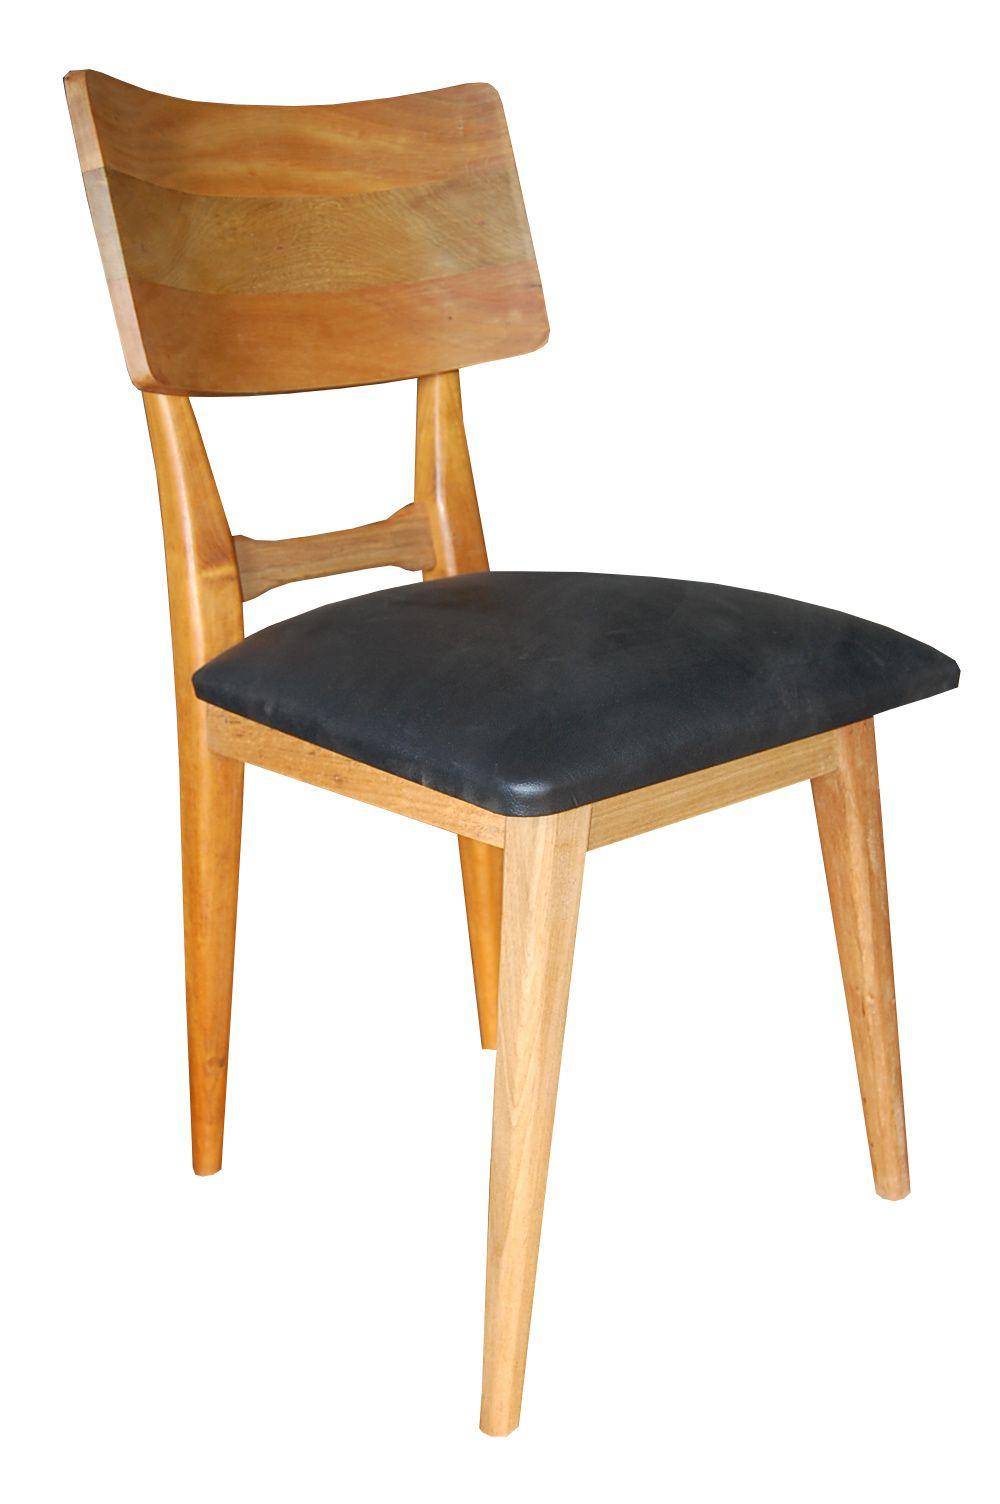 Cadeira De Demolição Modelo Copacabana - Assento Estofado Preto - Em Madeira Selecionada